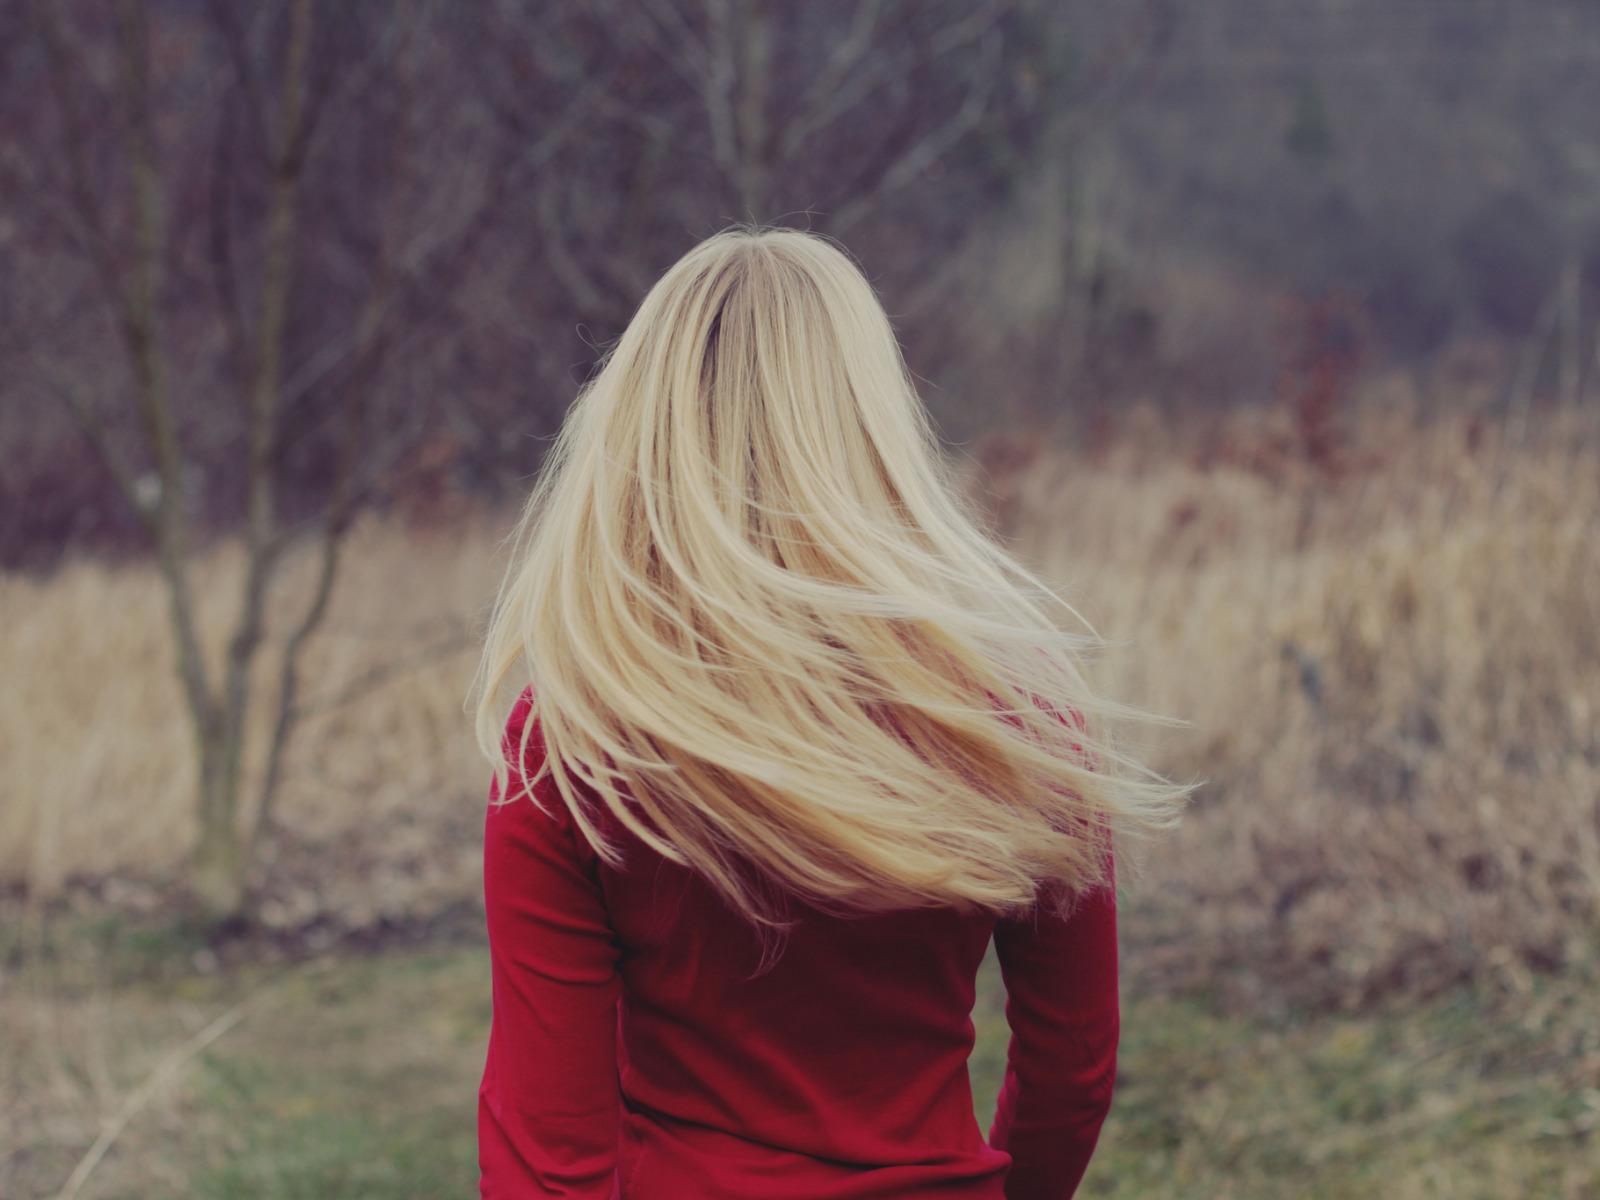 Картинка на аву для девушки блондинки осень со спины (4)